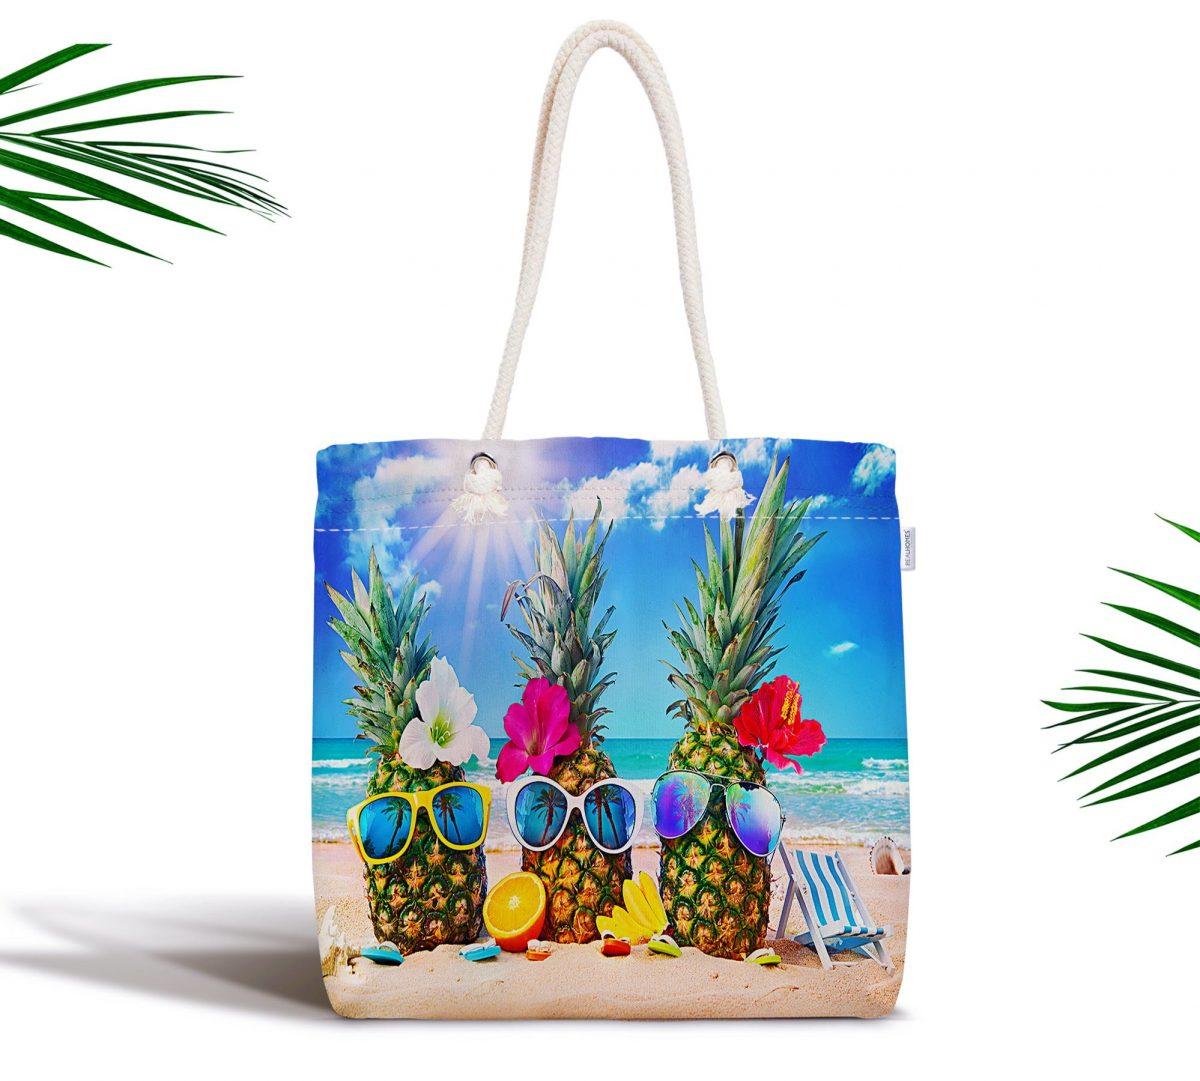 Sahilde Ananaslar Özel Tasarım Dijital Baskılı Fermuarlı Kumaş Çanta Realhomes